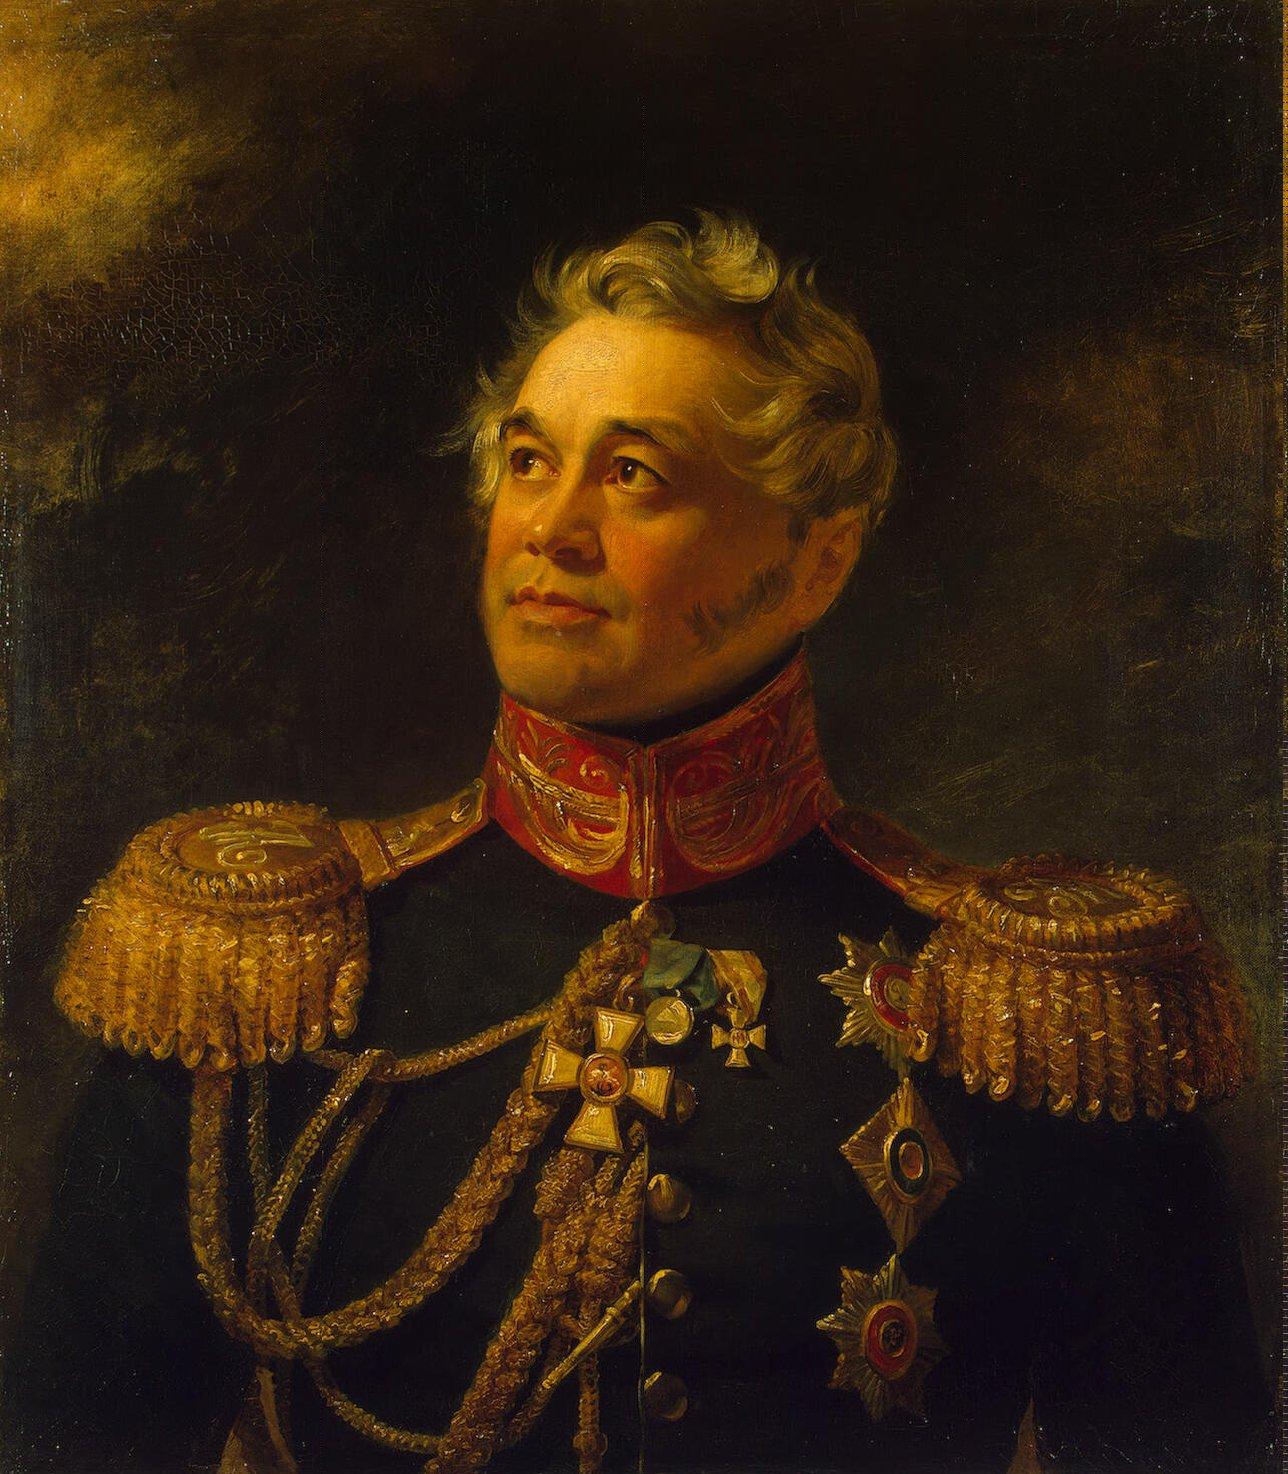 Щербатов, Алексей Григорьевич